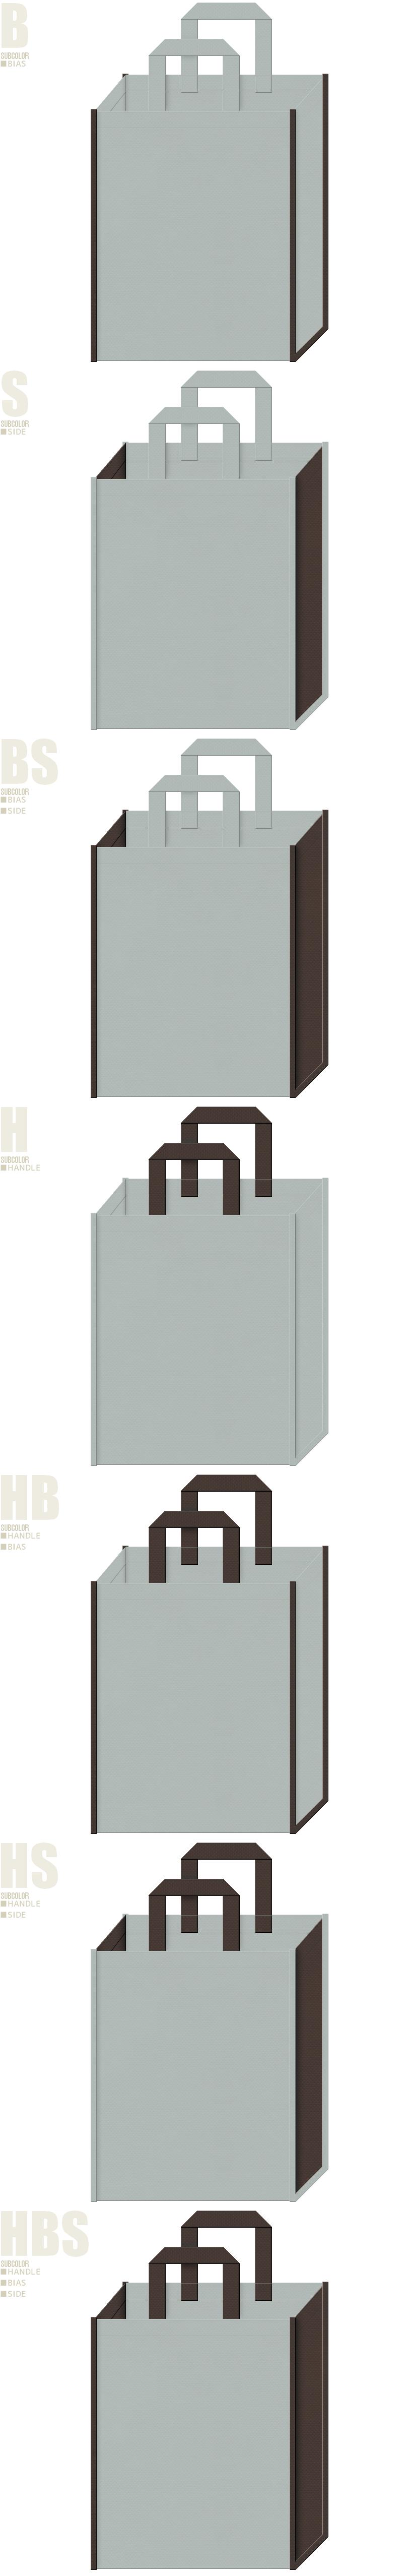 学術セミナー・マンション・オフィスビル・デベロッパー・ビルメンテナンス・建築・設計・図面・什器・店舗インテリア・エクステリア・事務用品の展示会用バッグにお奨めの不織布バッグデザイン:グレー色とこげ茶色の配色7パターン